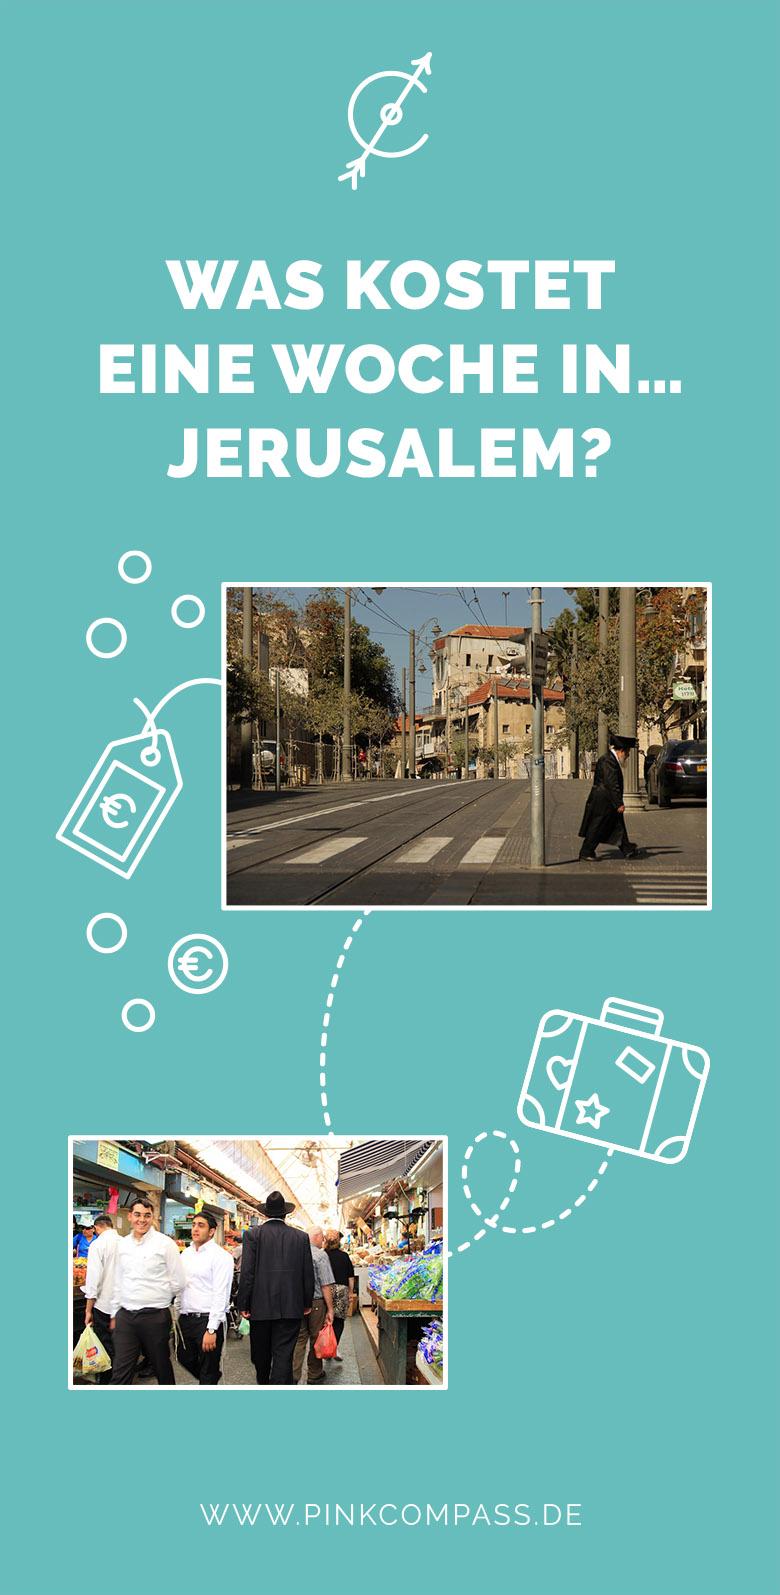 Eine Woche in Jerusalemn - mit diesen Ausgaben musst Du rechnen